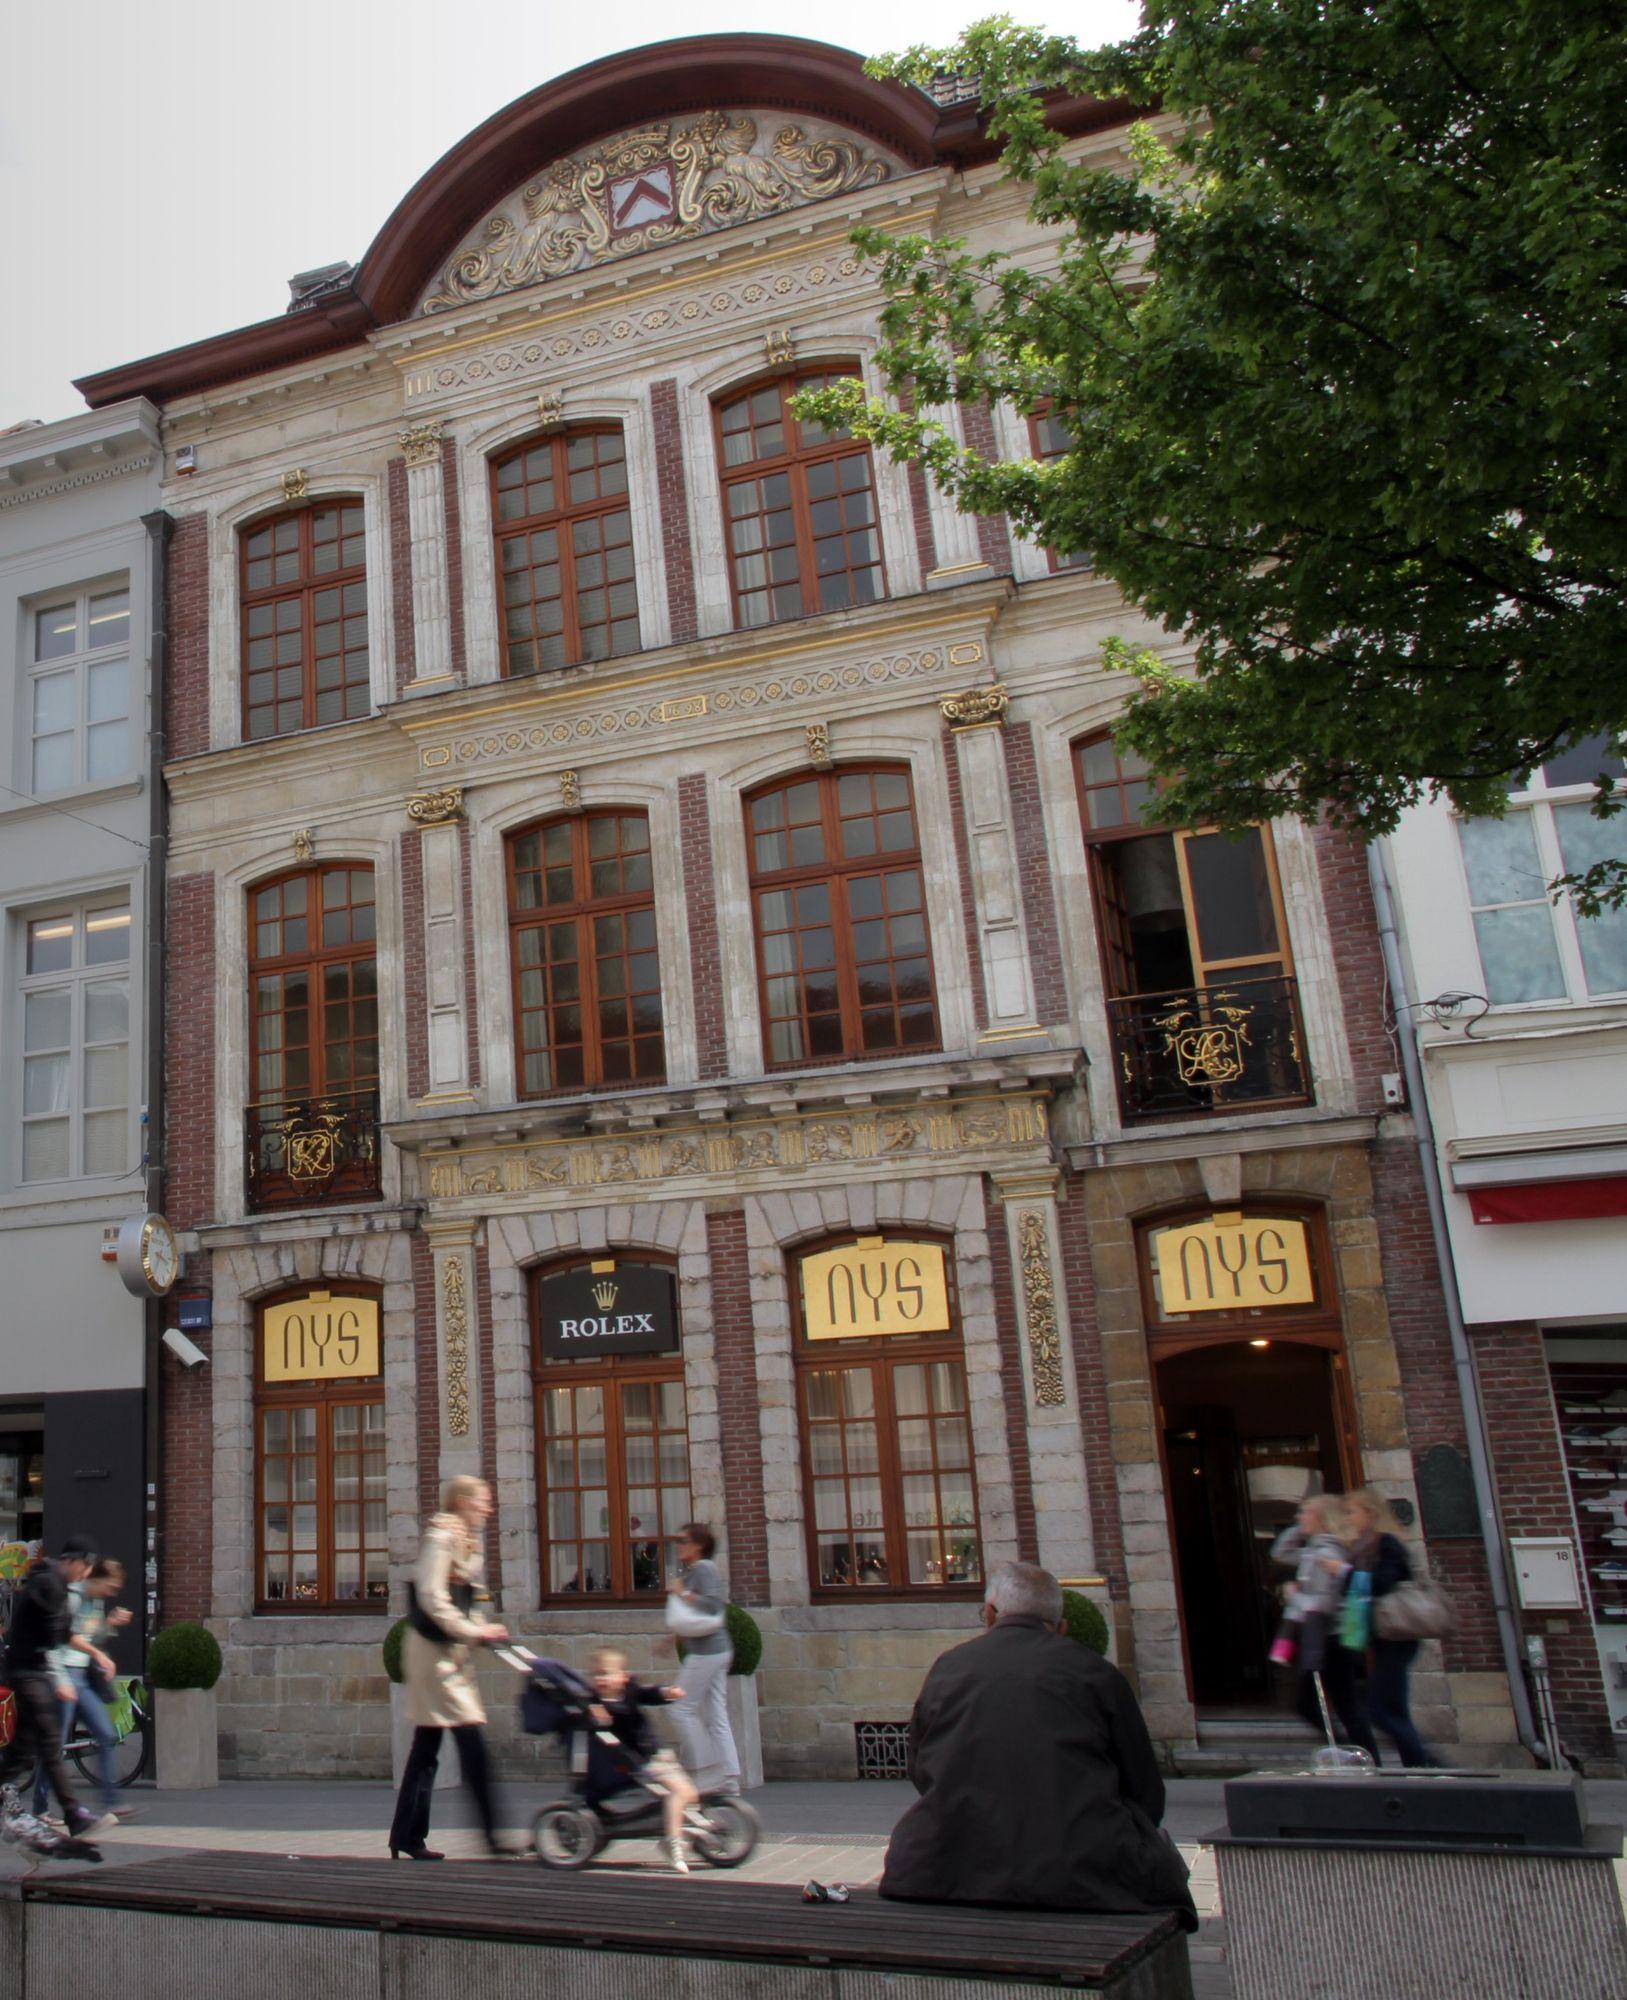 13. Huis Ghellinck